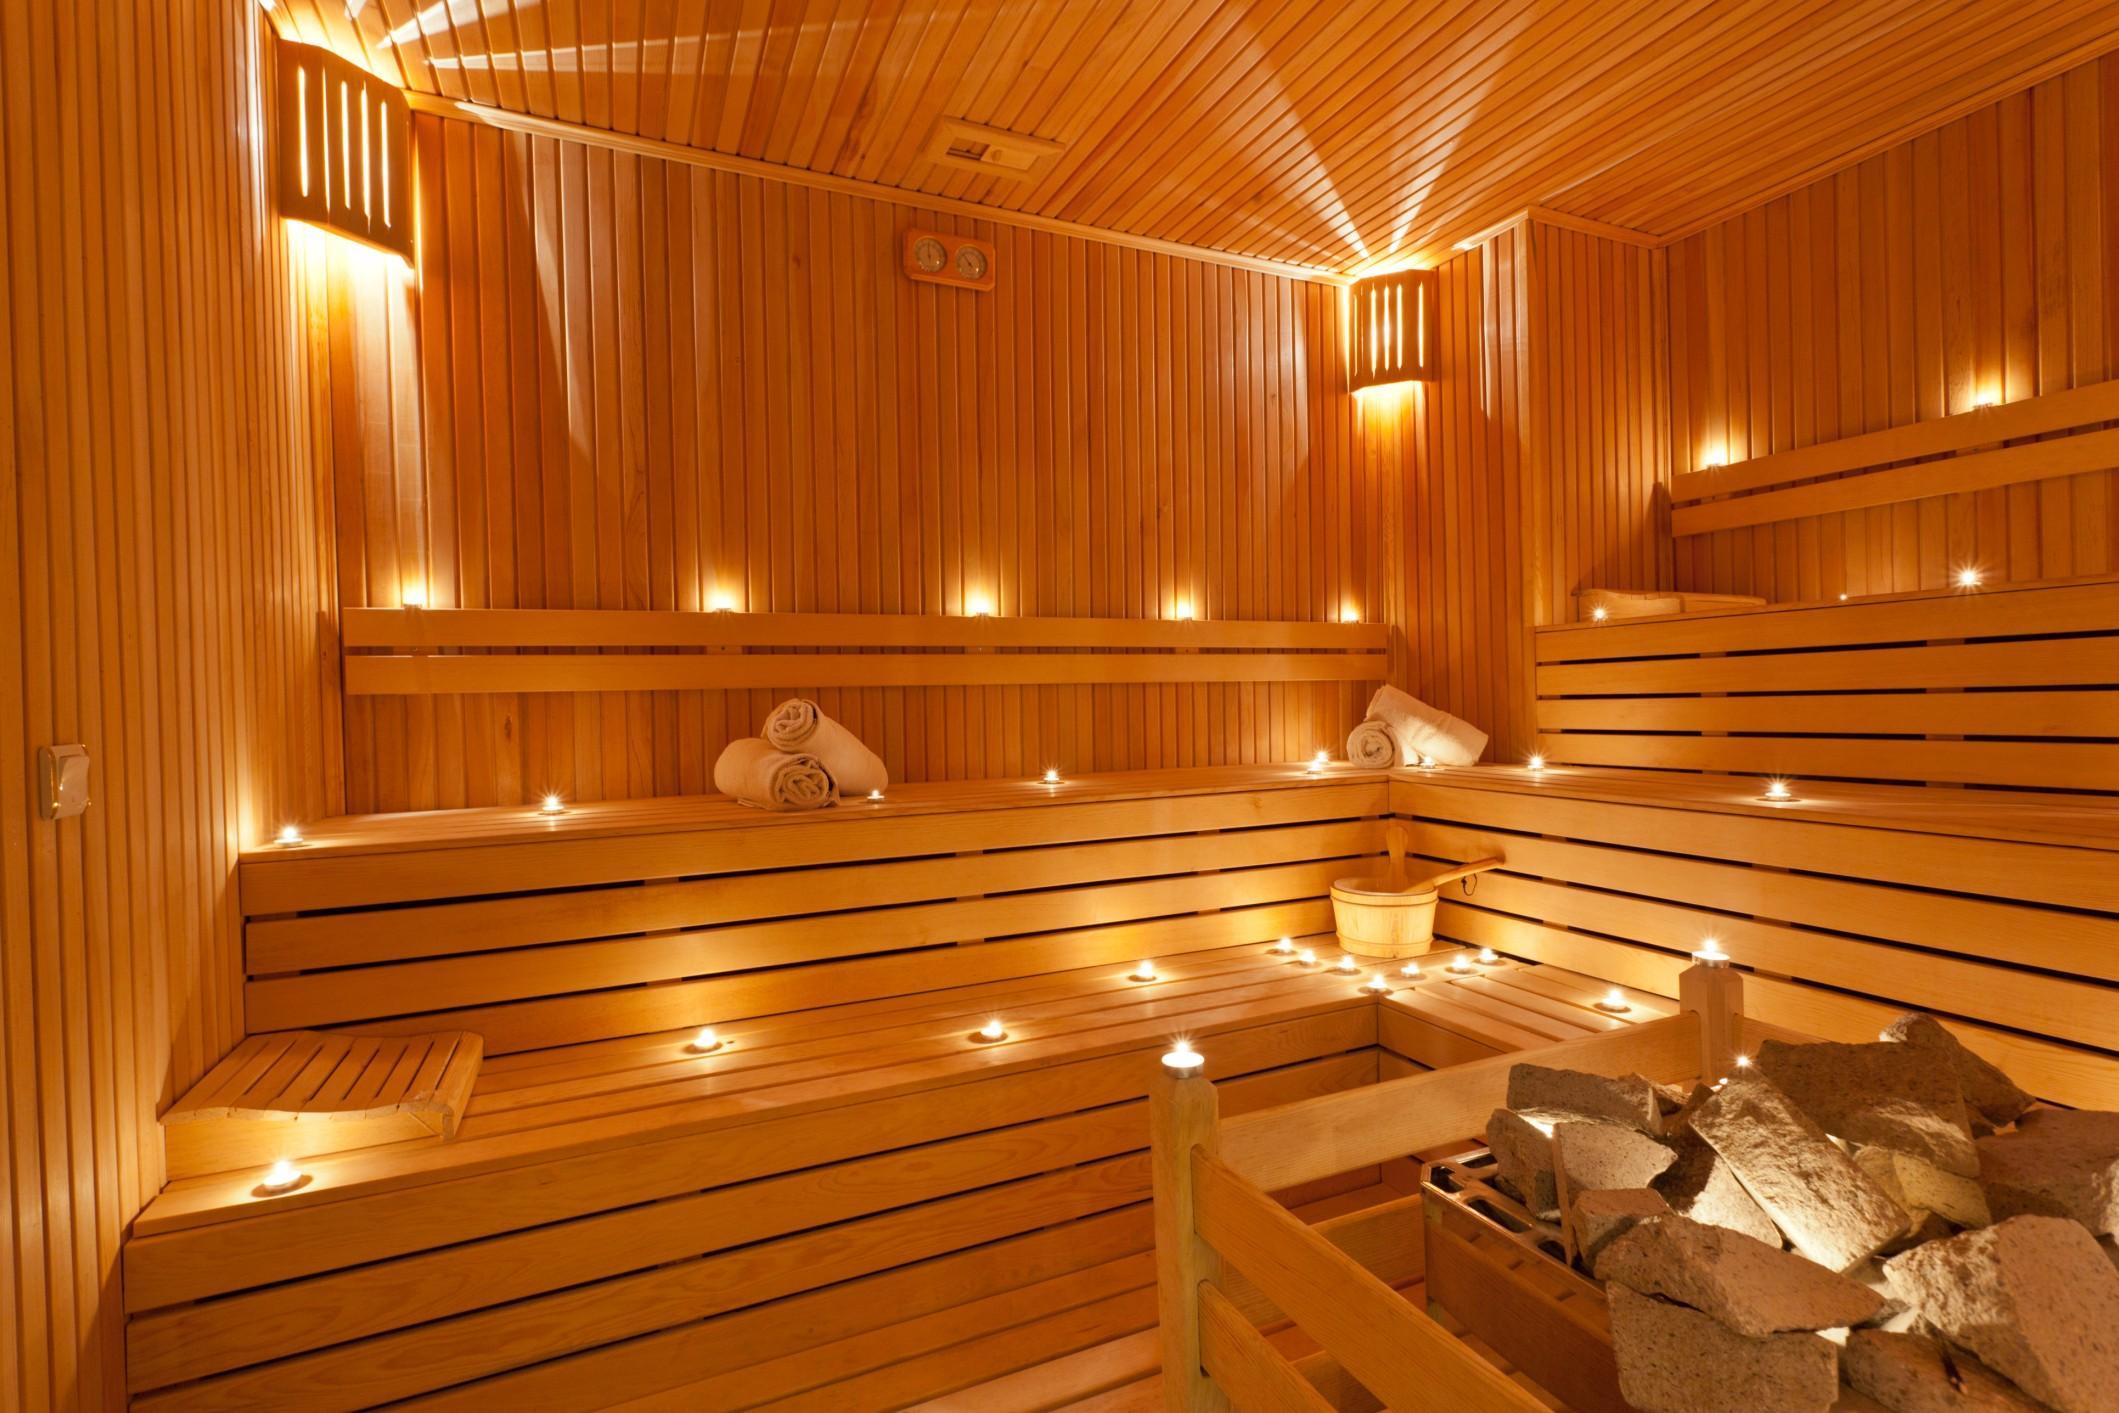 I Benefici Della Sauna.Quali Sono I Benefici Della Sauna Magazine Dlttravel